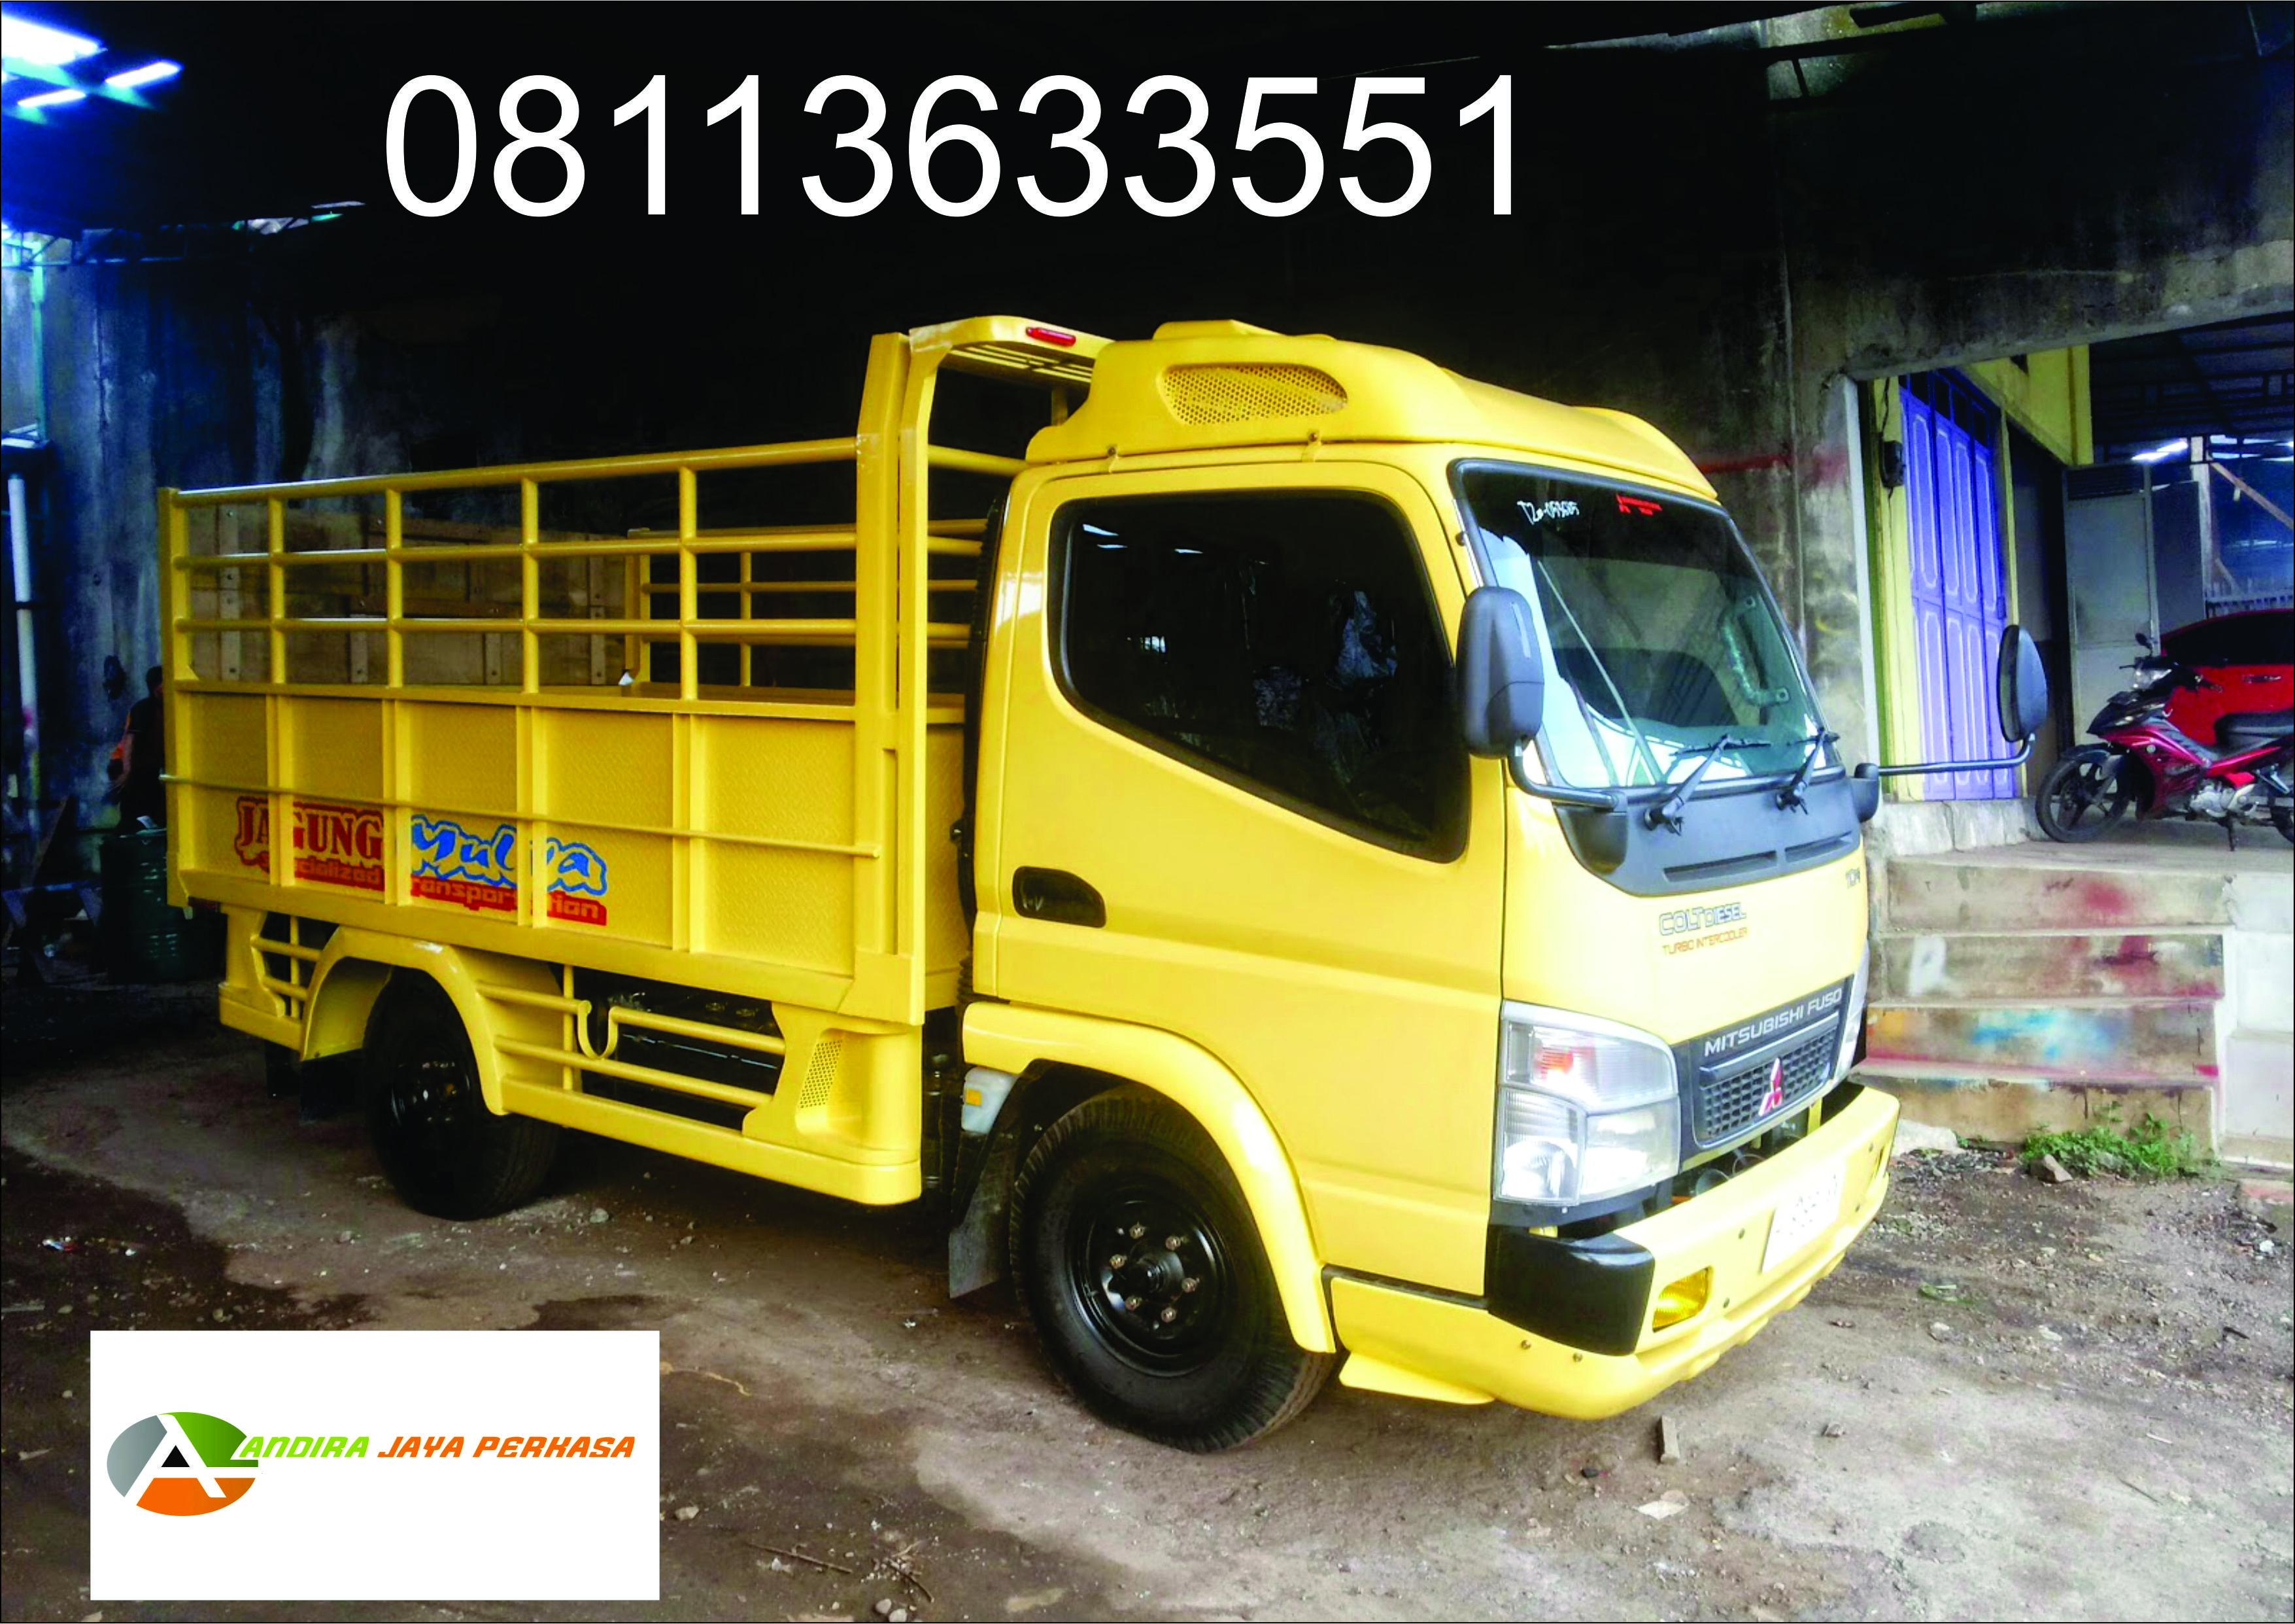 Tercepat Call 0811 3633 551 Sewa Truk Engkel Di Malang Transportasi Darat Truk Malang